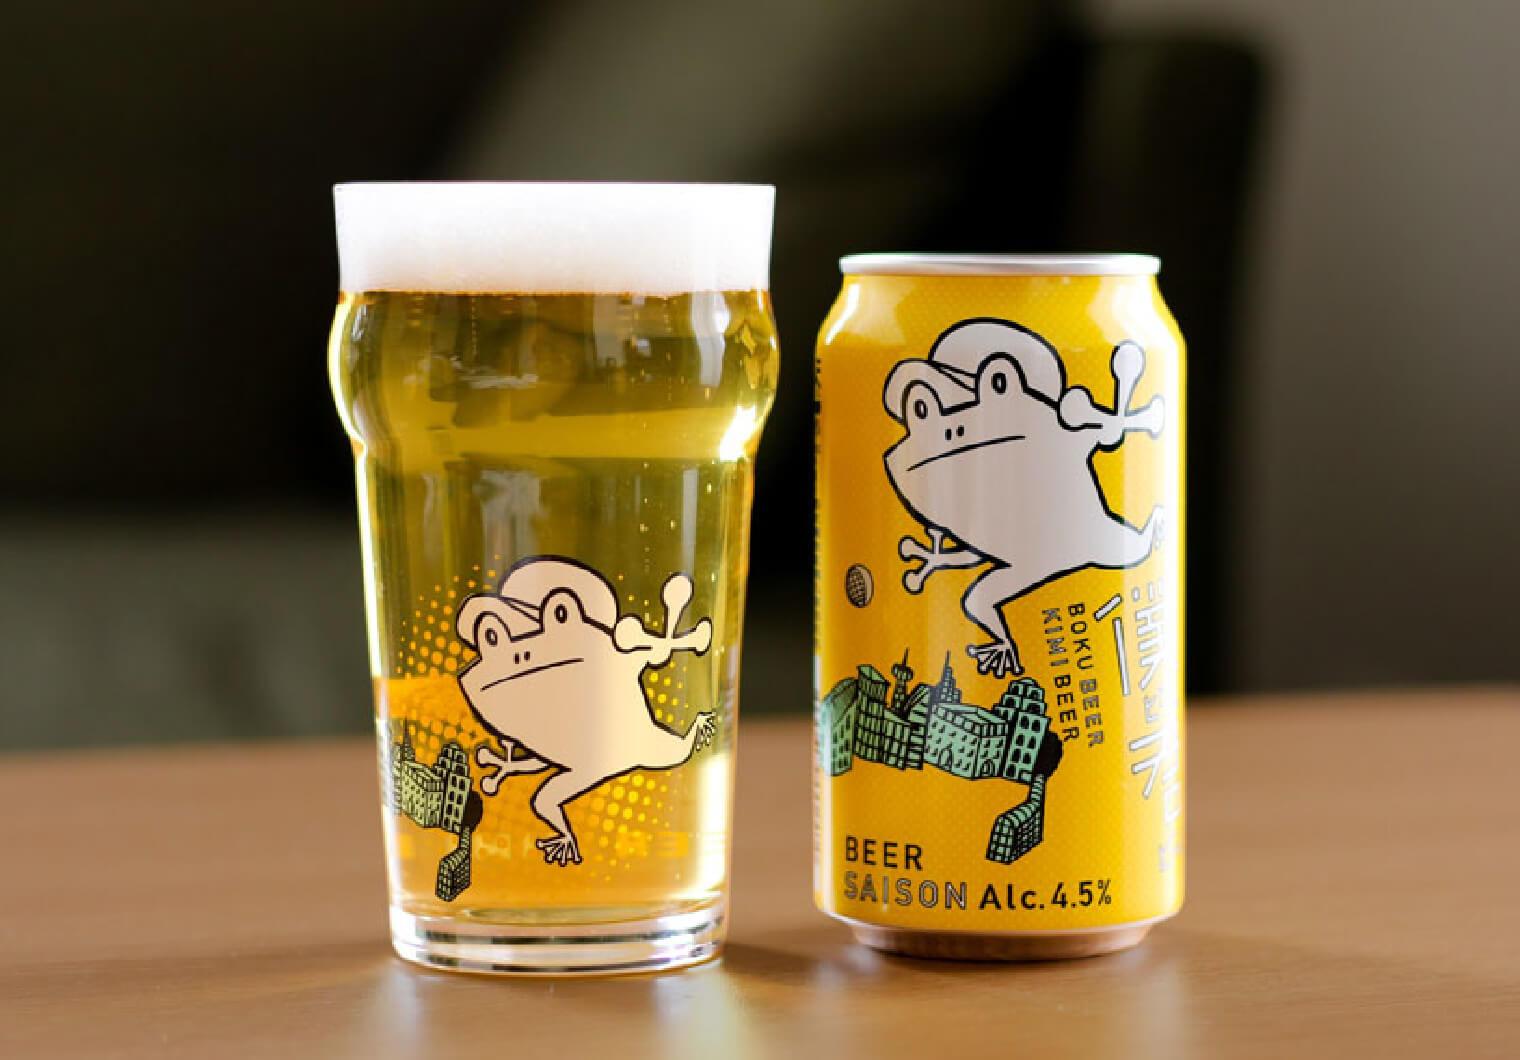 僕ビール君ビール 特製グラス